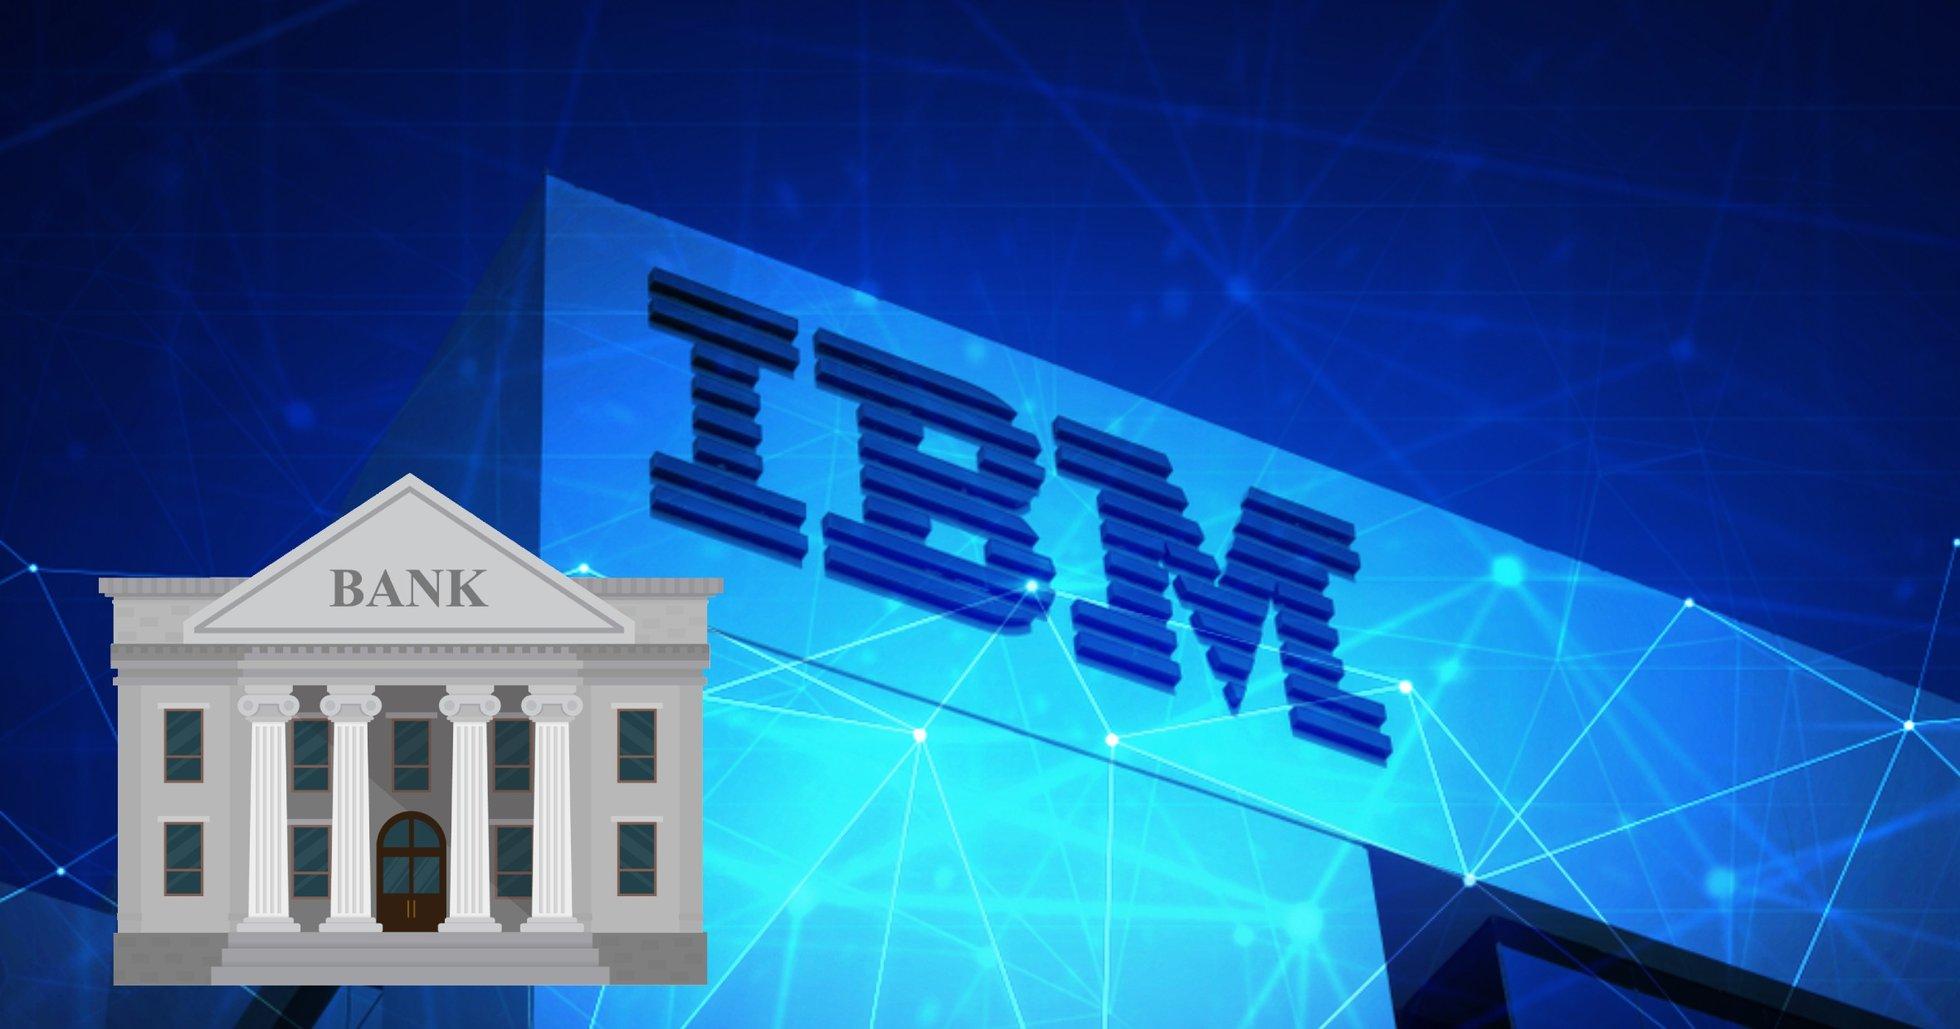 IBM satsar på kryptovalutor – vill hjälpa banker med att ta sig in i